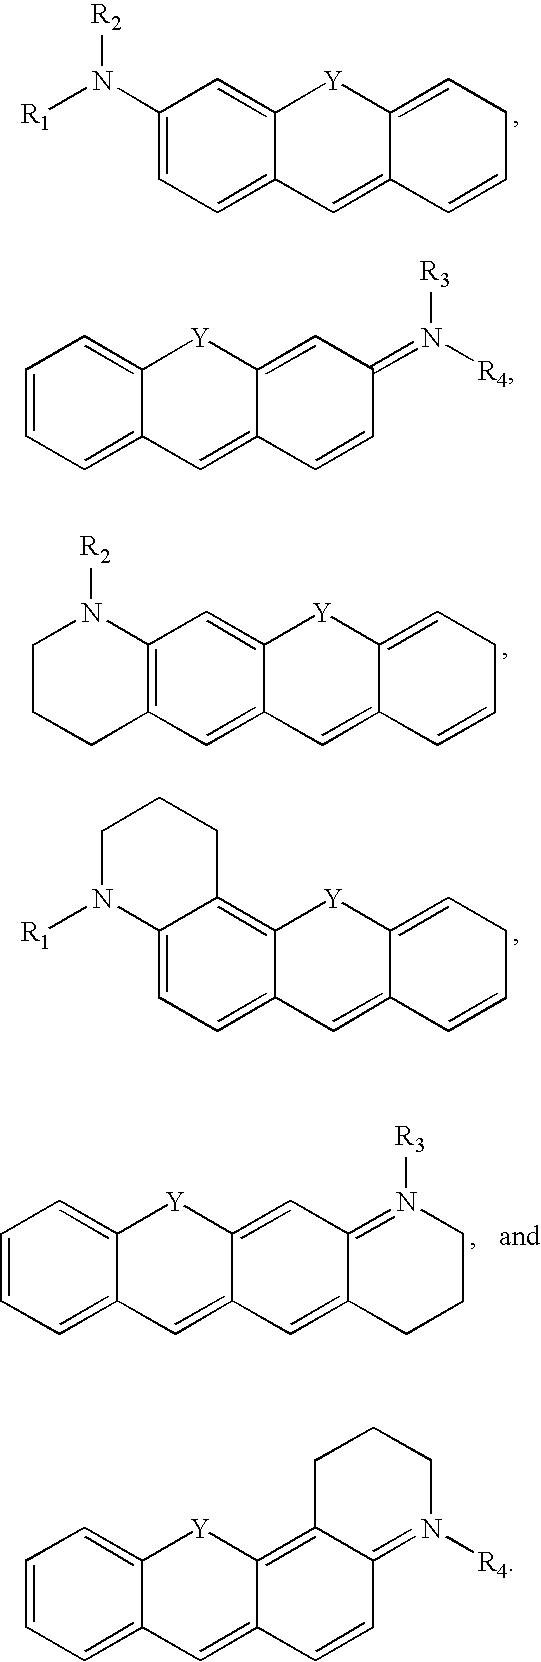 Figure US07910754-20110322-C00032